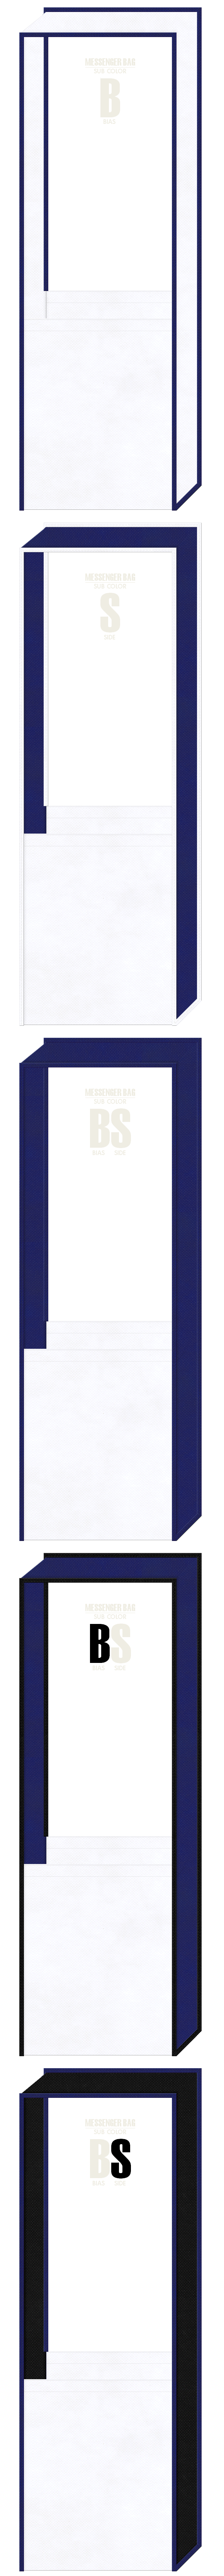 スポーツイベントにお奨め:白色・紺色・黒色の3色を使用した、不織布メッセンジャーバッグのデザイン